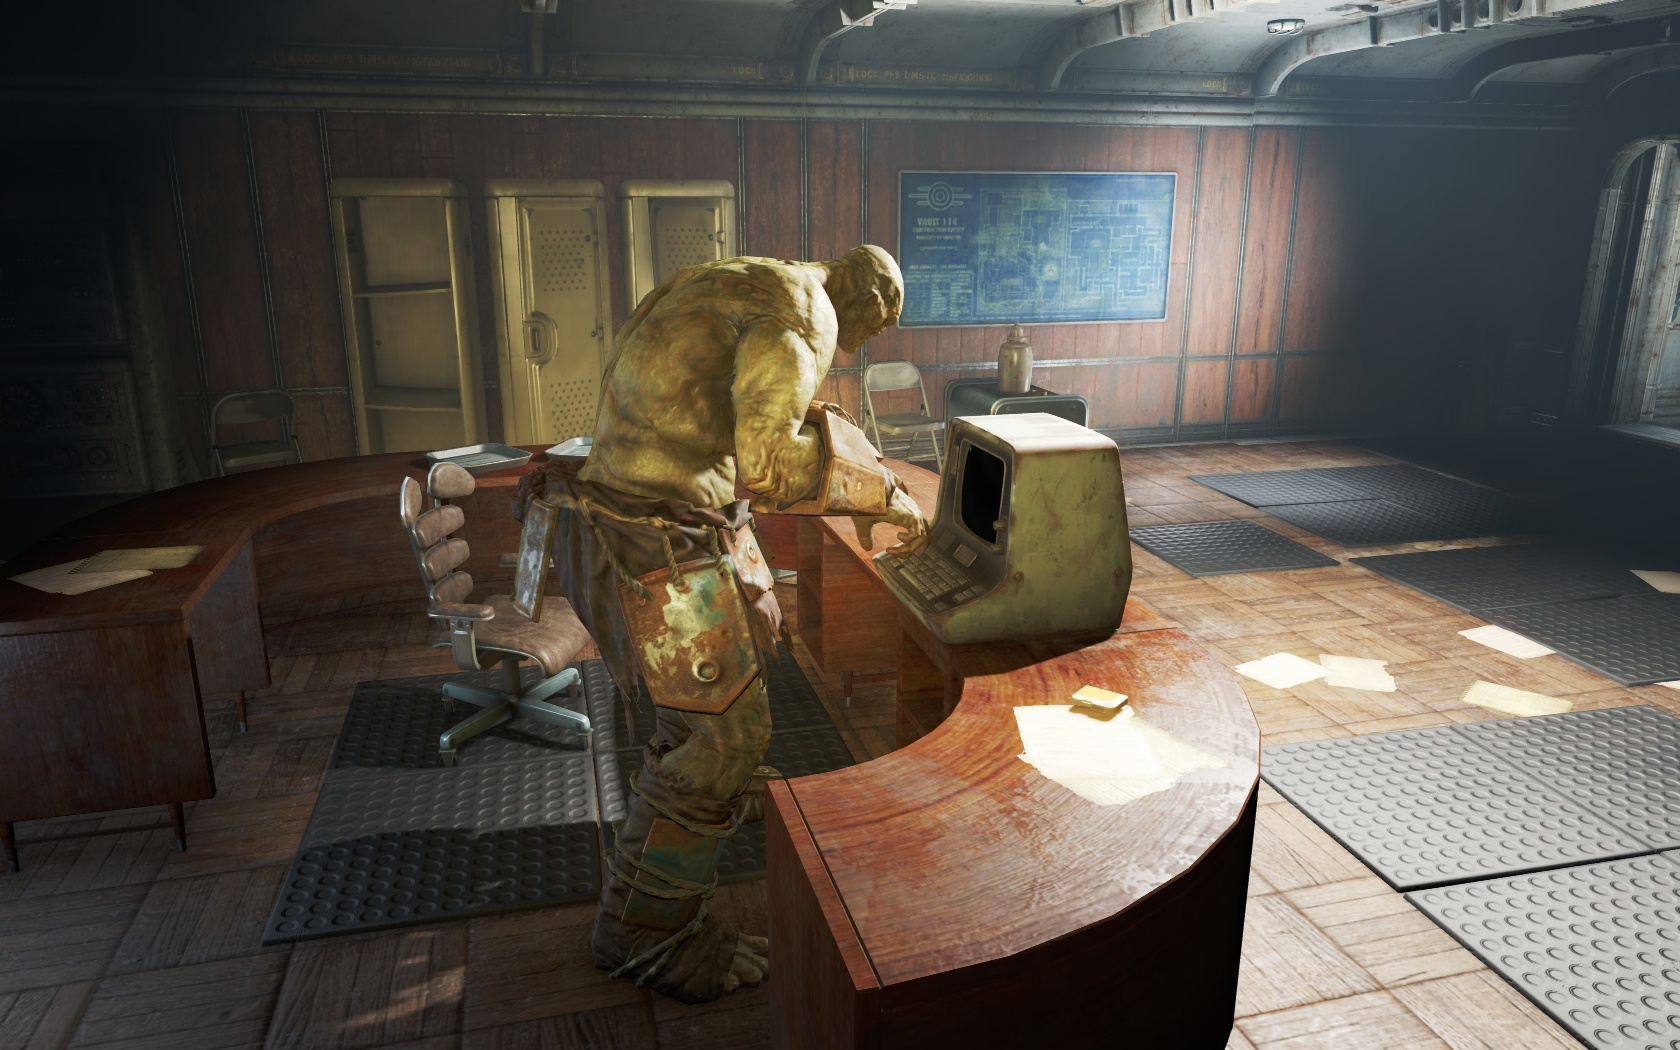 Силач что-то понимает в компьютерах (Убежище 114) - Fallout 4 Силач, супермутант, Убежище, Убежище 114